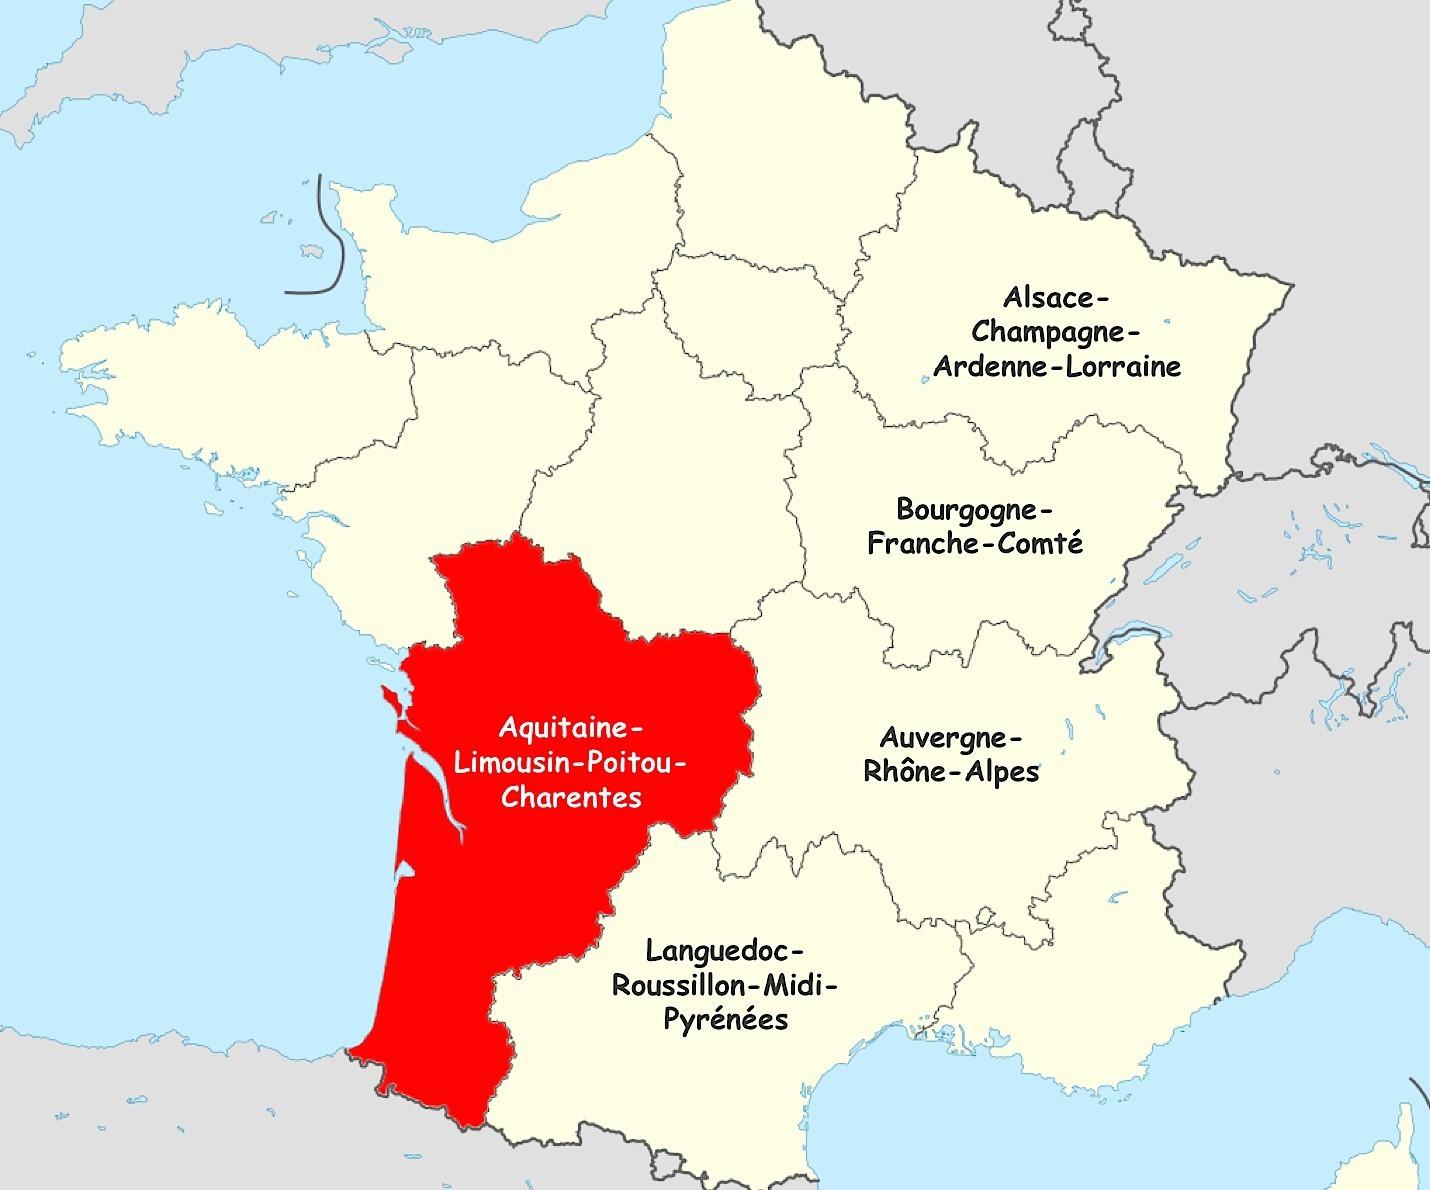 Manifeste des auteurs d'Aquitaine, du Limousin et du Poitou-Charentes